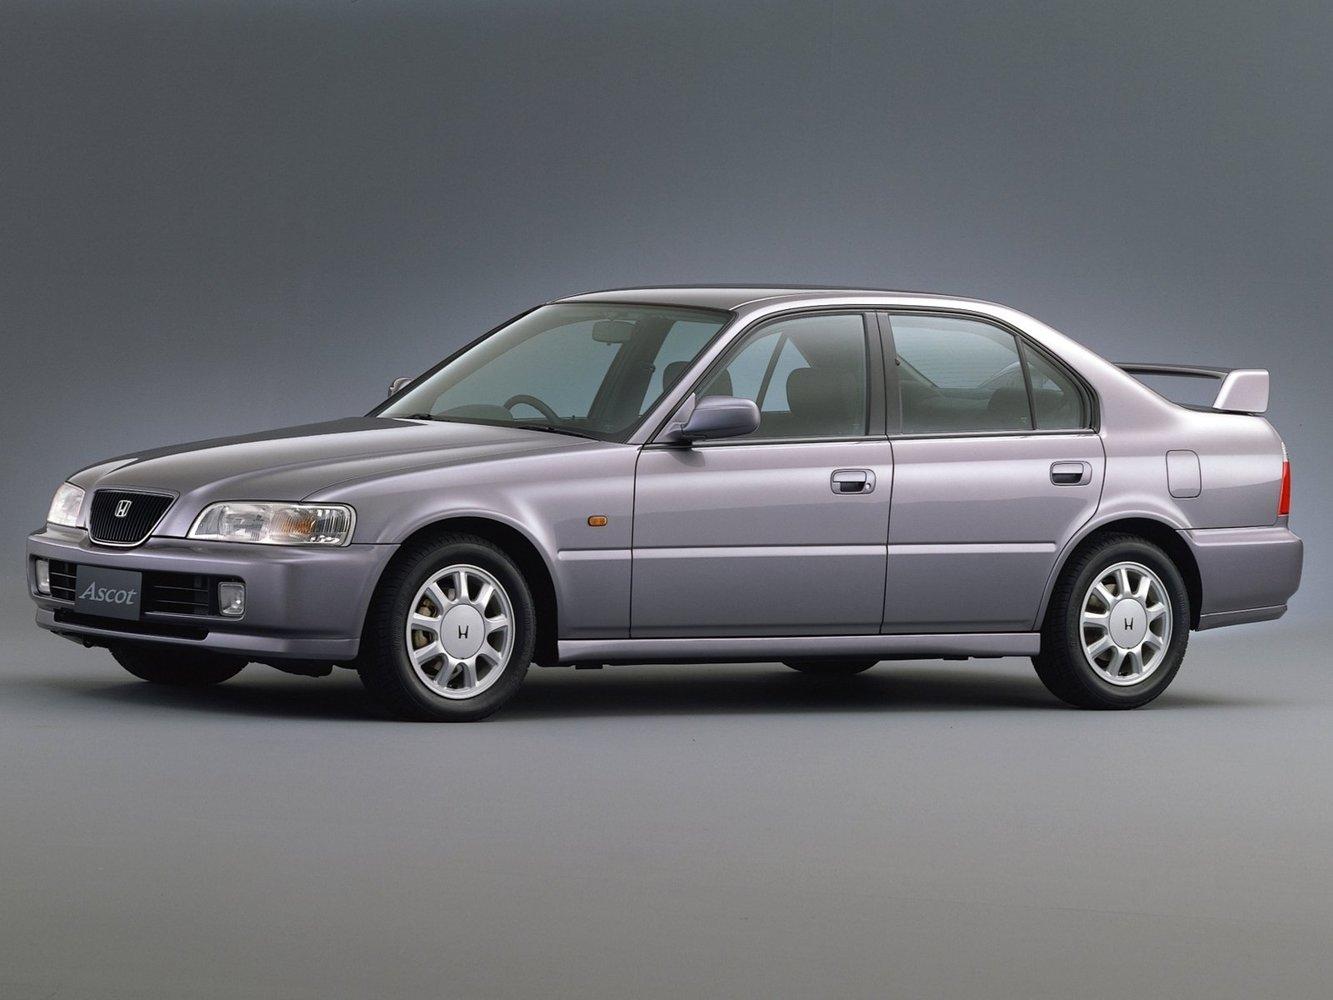 honda Honda Ascot